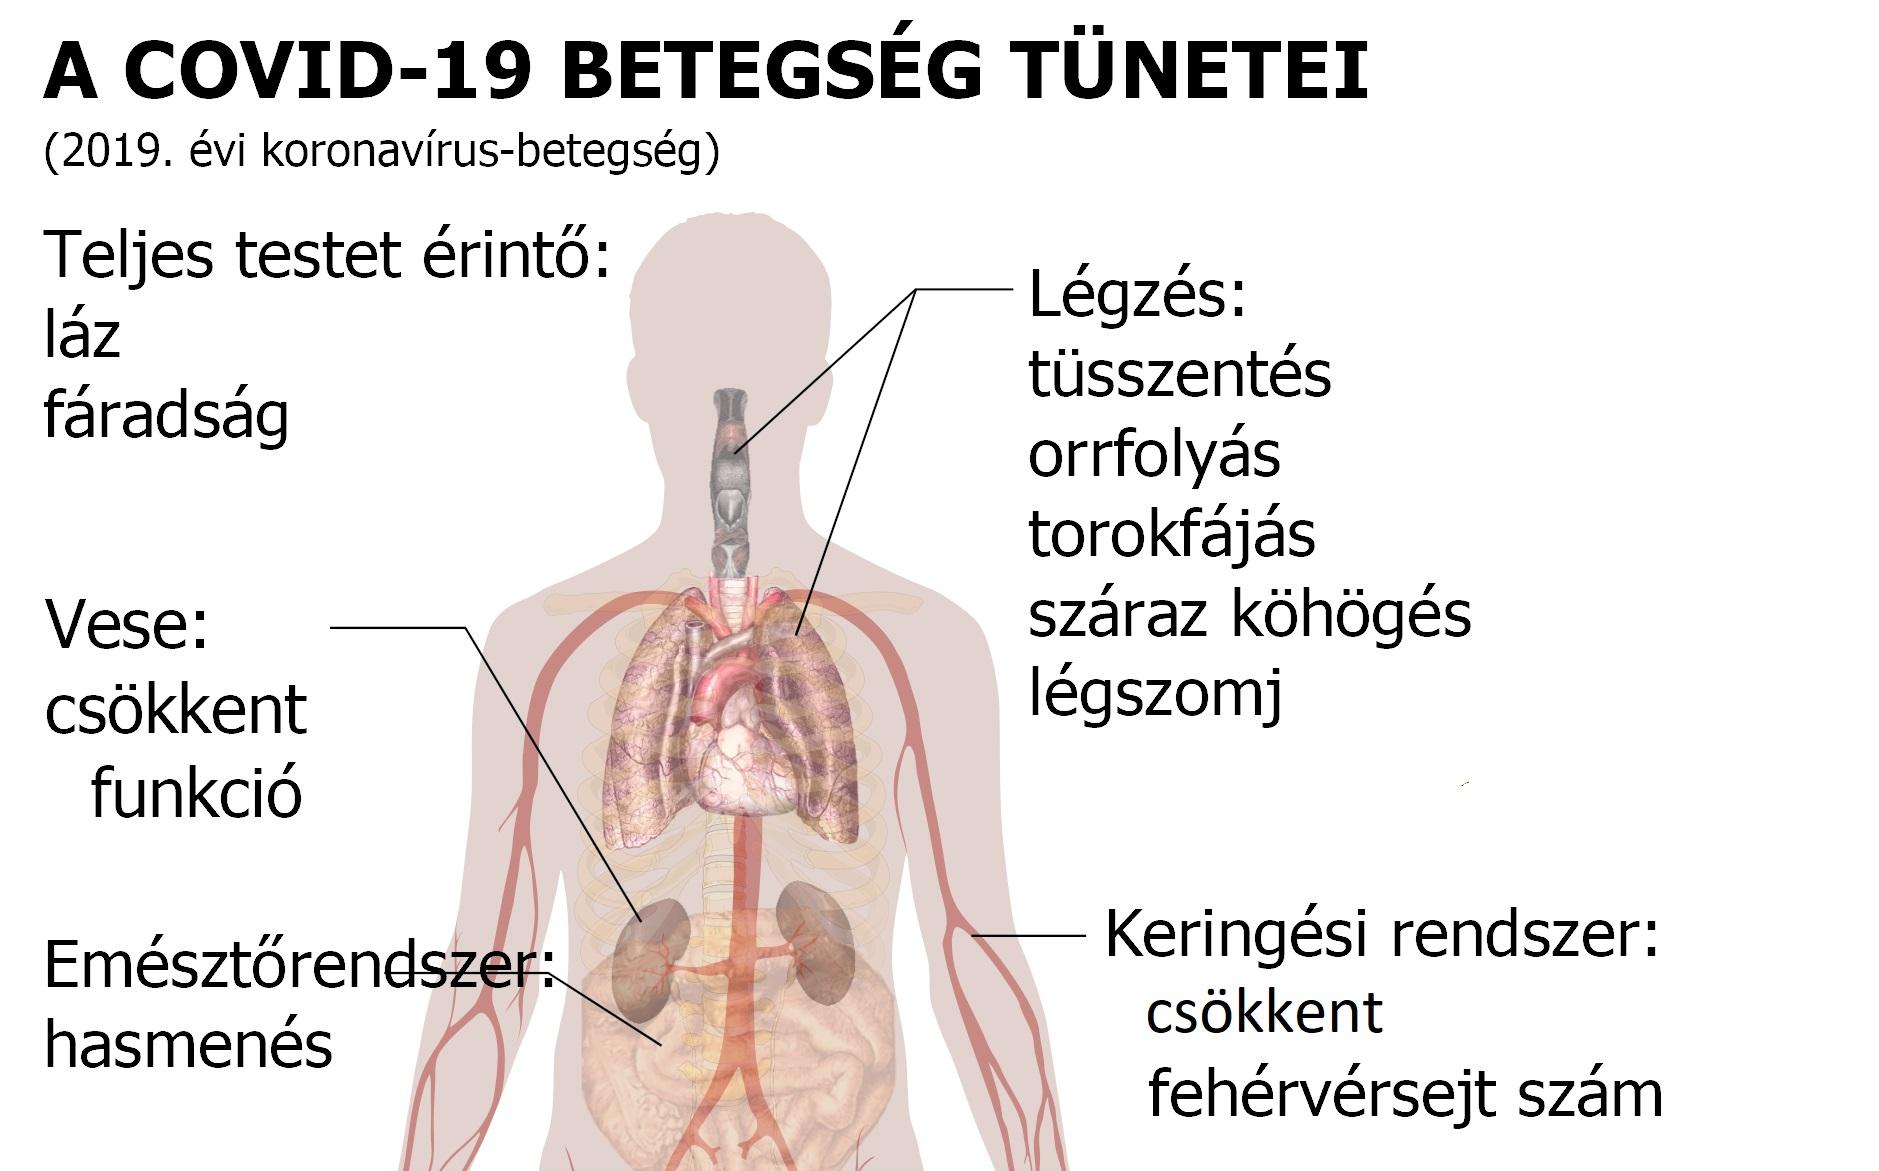 magas vérnyomás okozta láz)